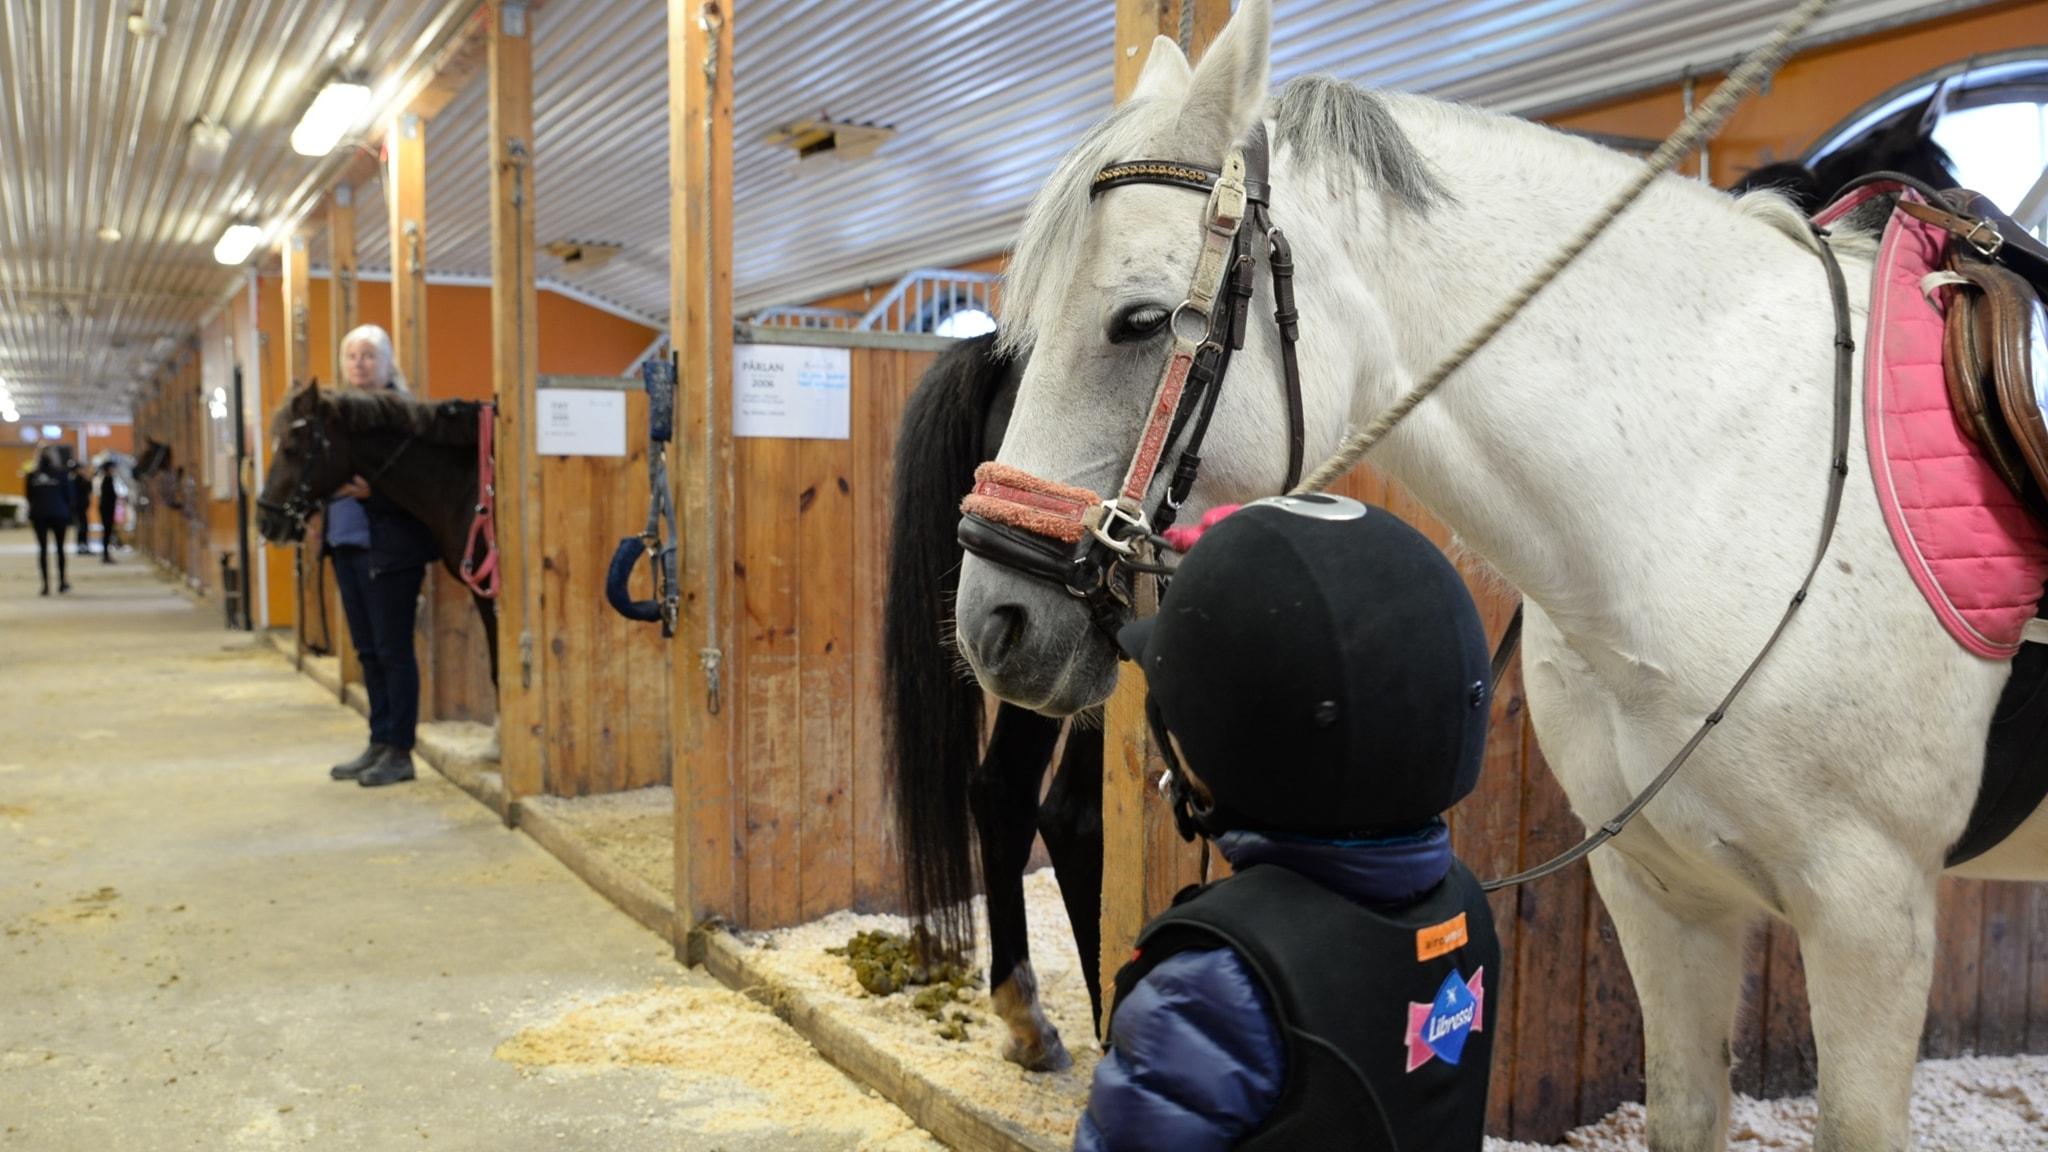 Wilma i stall bredvid vit häst som står i spilta